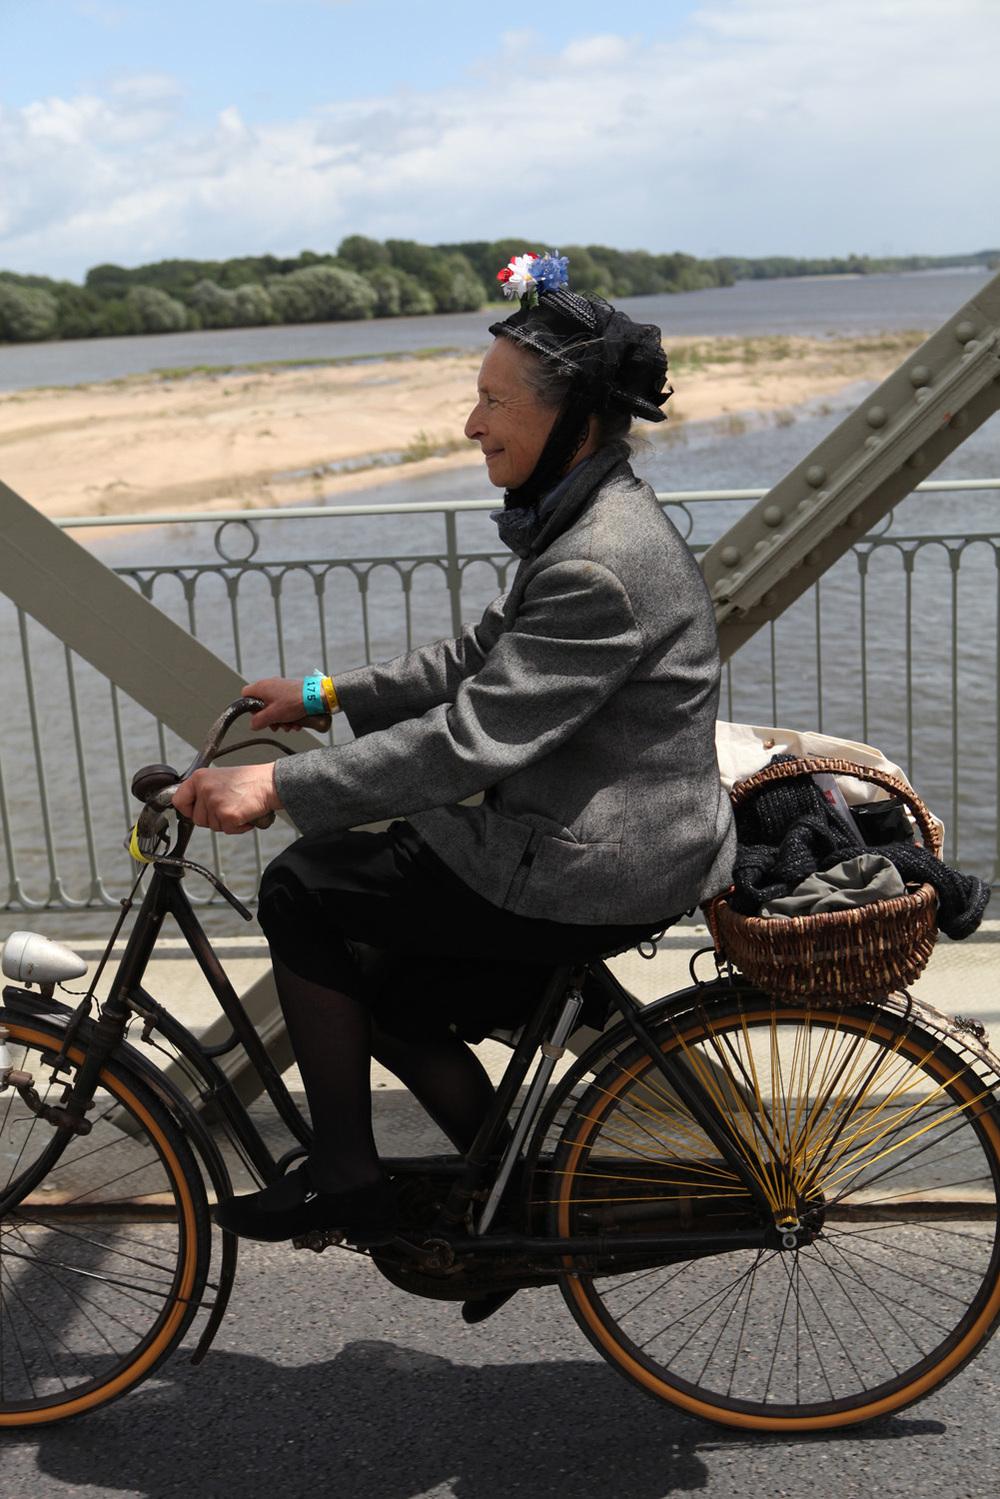 Anjou-Velo-Vintage-Saumur-France-Bike-Fashion-Bike-Pretty-Photos-Kelly-Miller-5